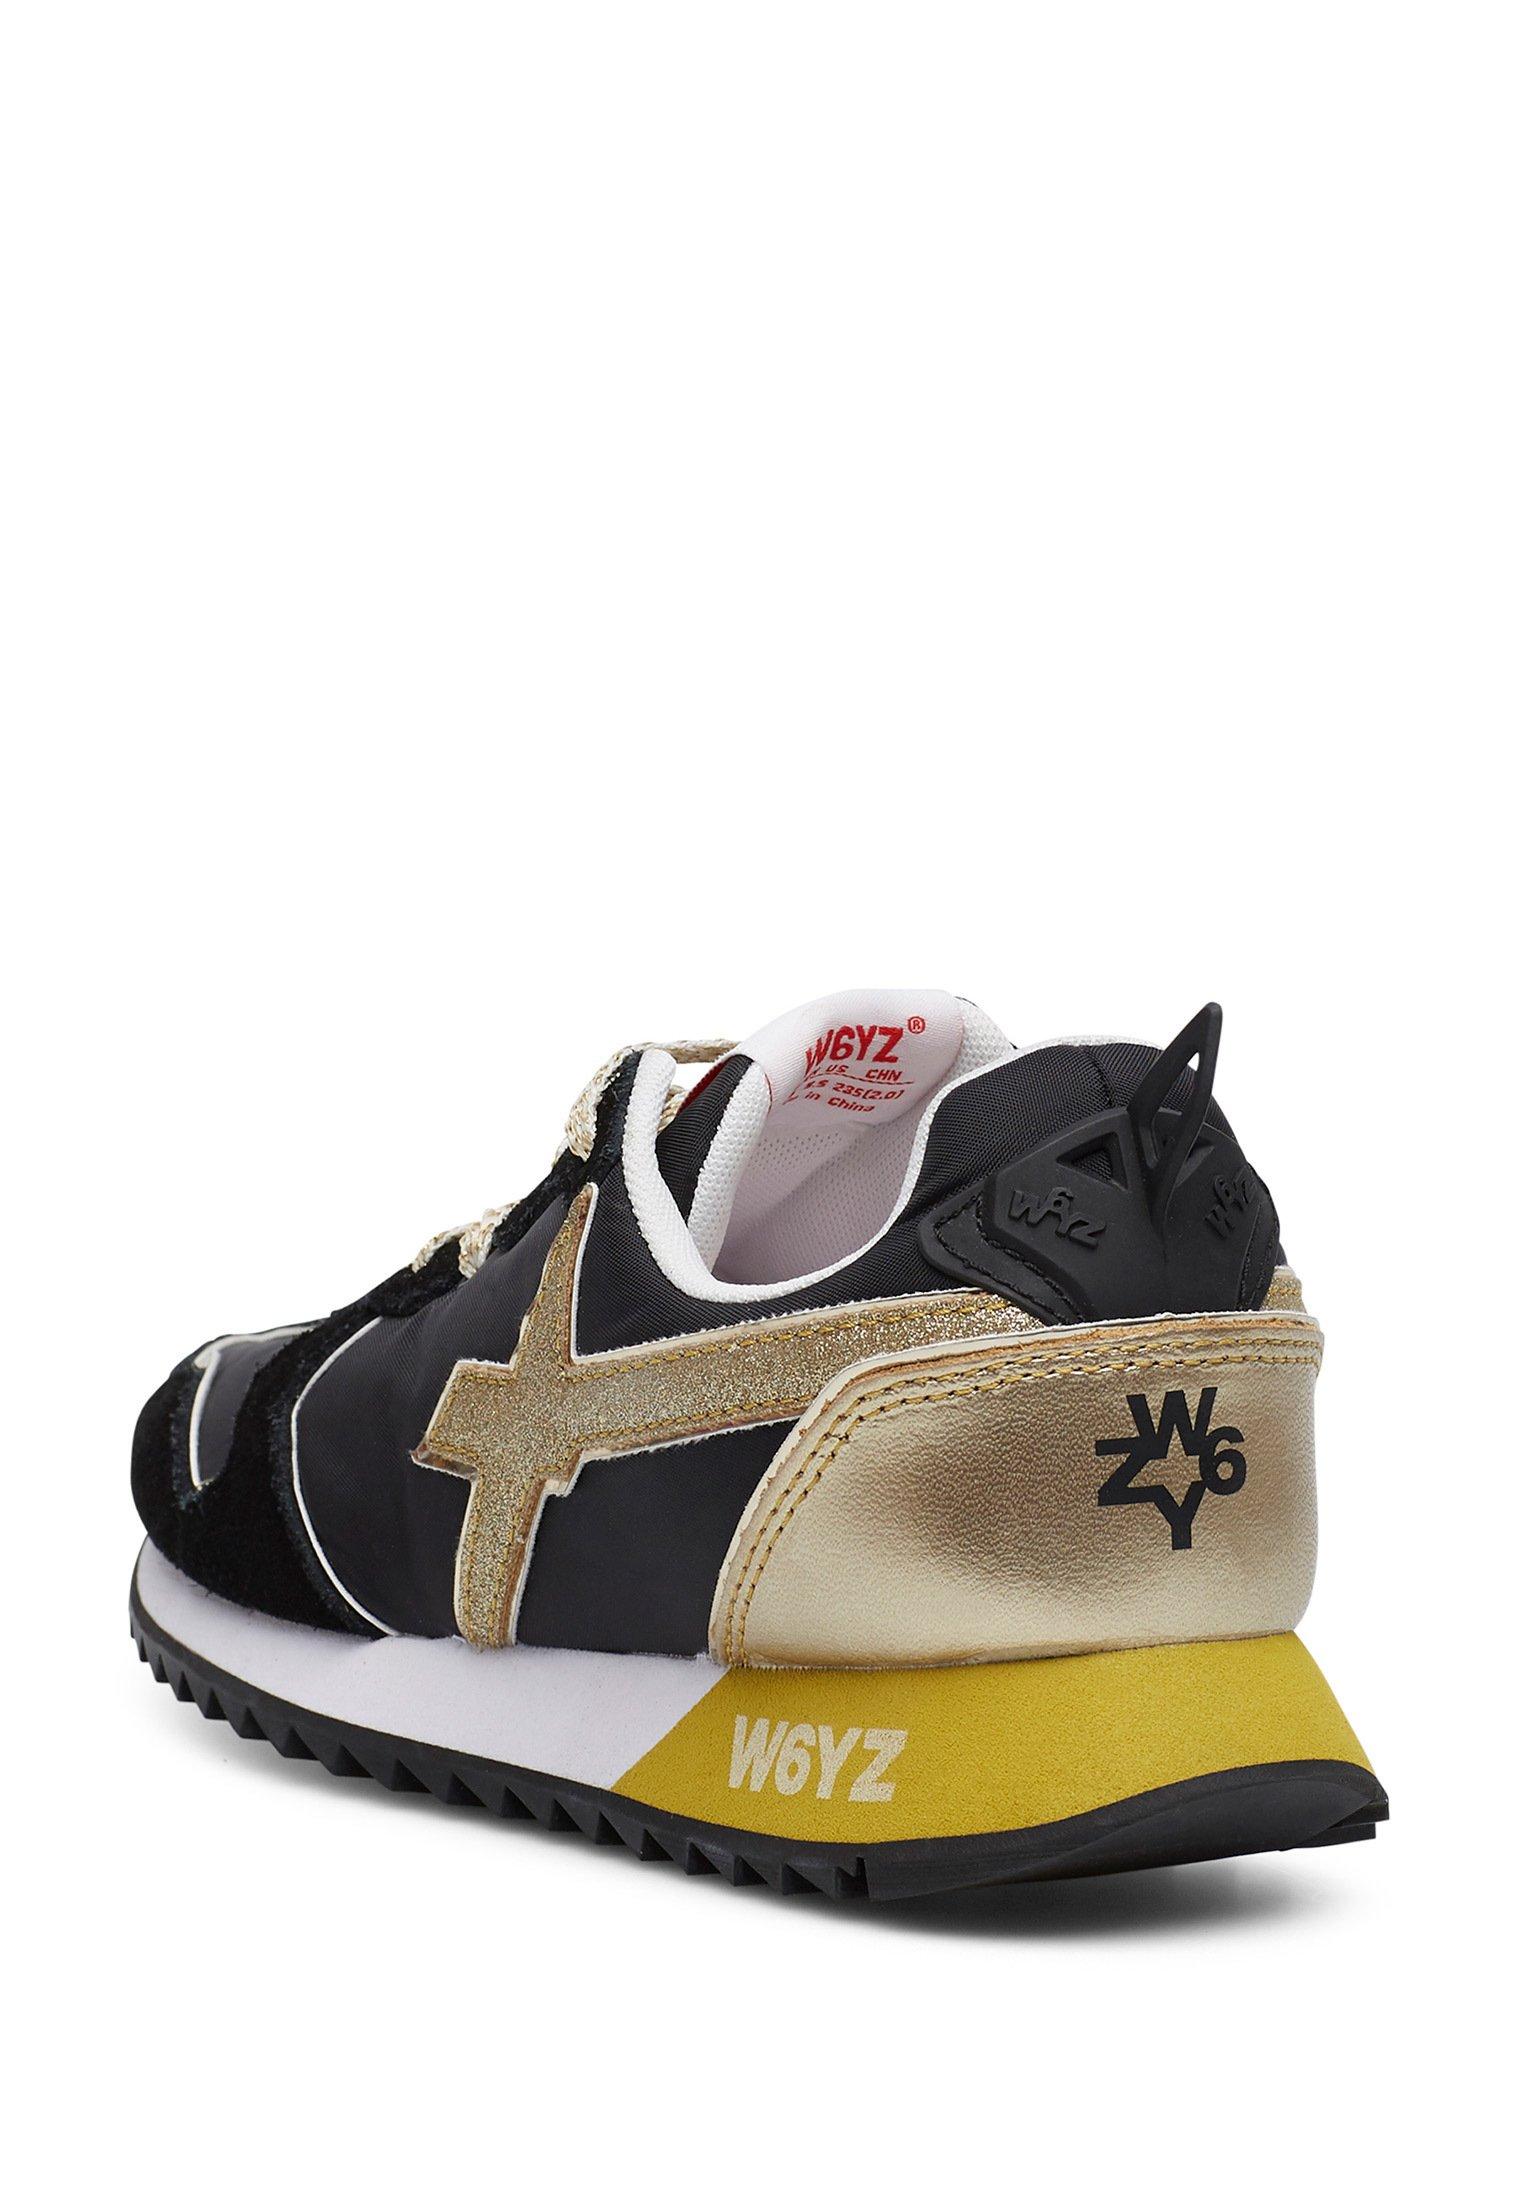 W6yz Jet-w - Baskets Basses Gold